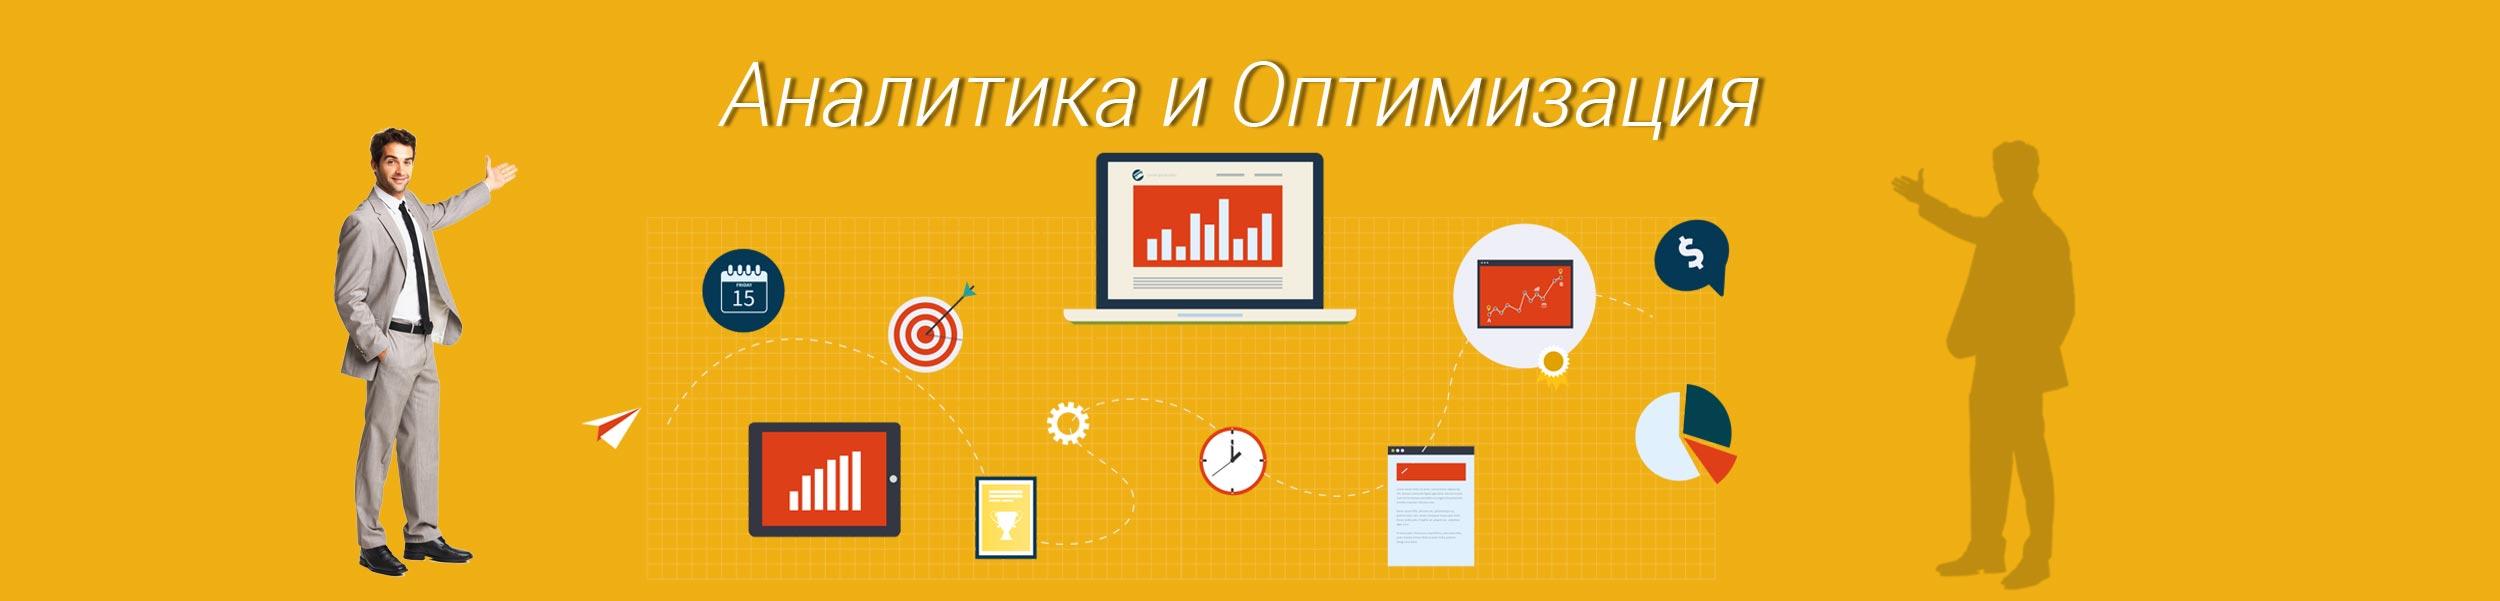 Русский интернет - анализ сайтов, поисковая оптимизация